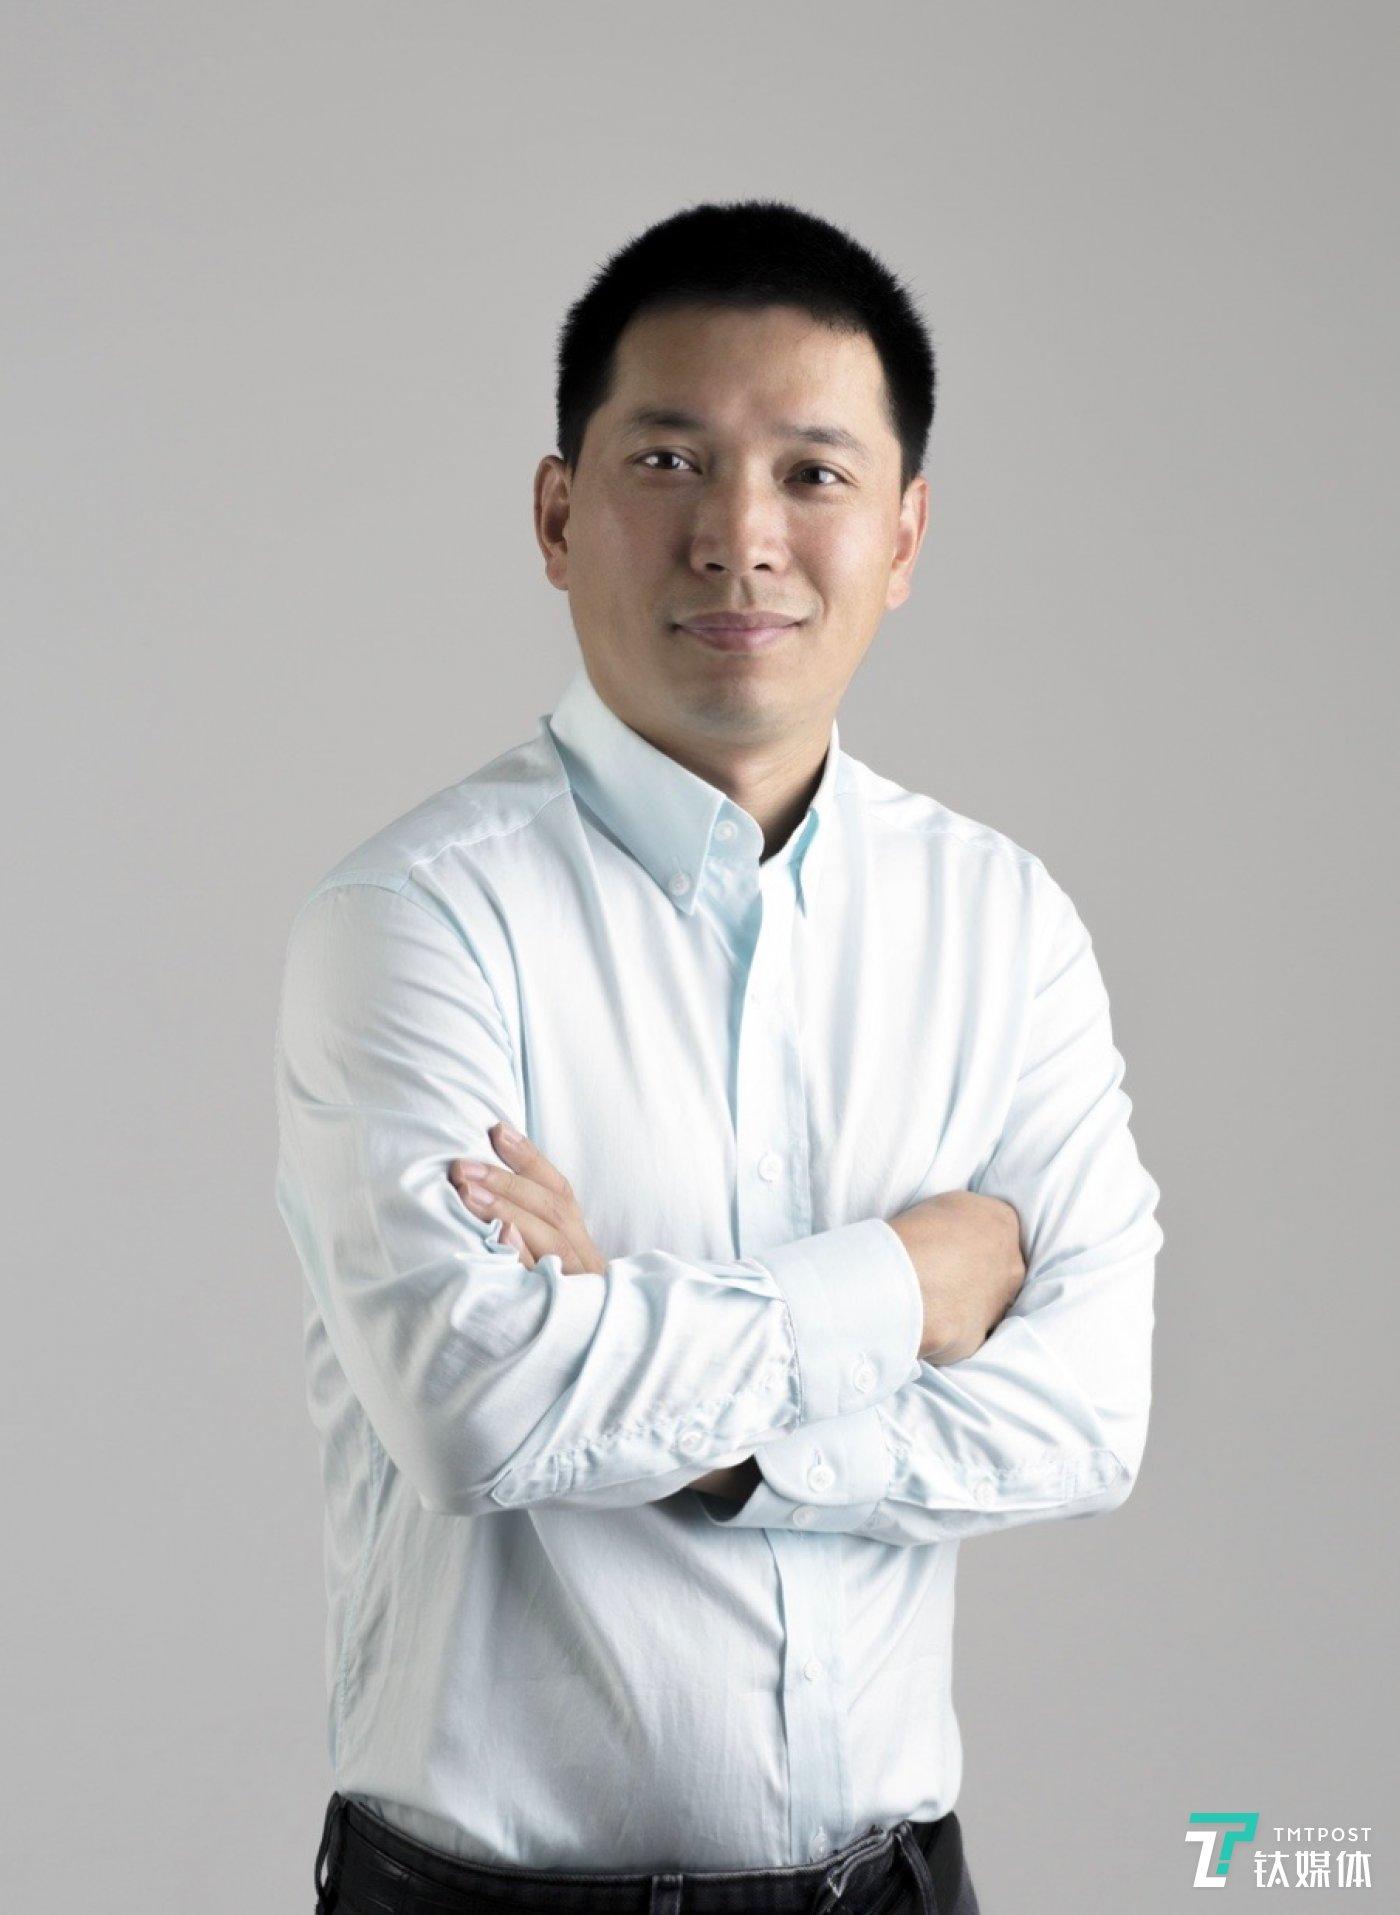 张利东于2013年加入字节跳动,担任字节跳动合伙人、高级副总裁,全面负责商业化相关业务。